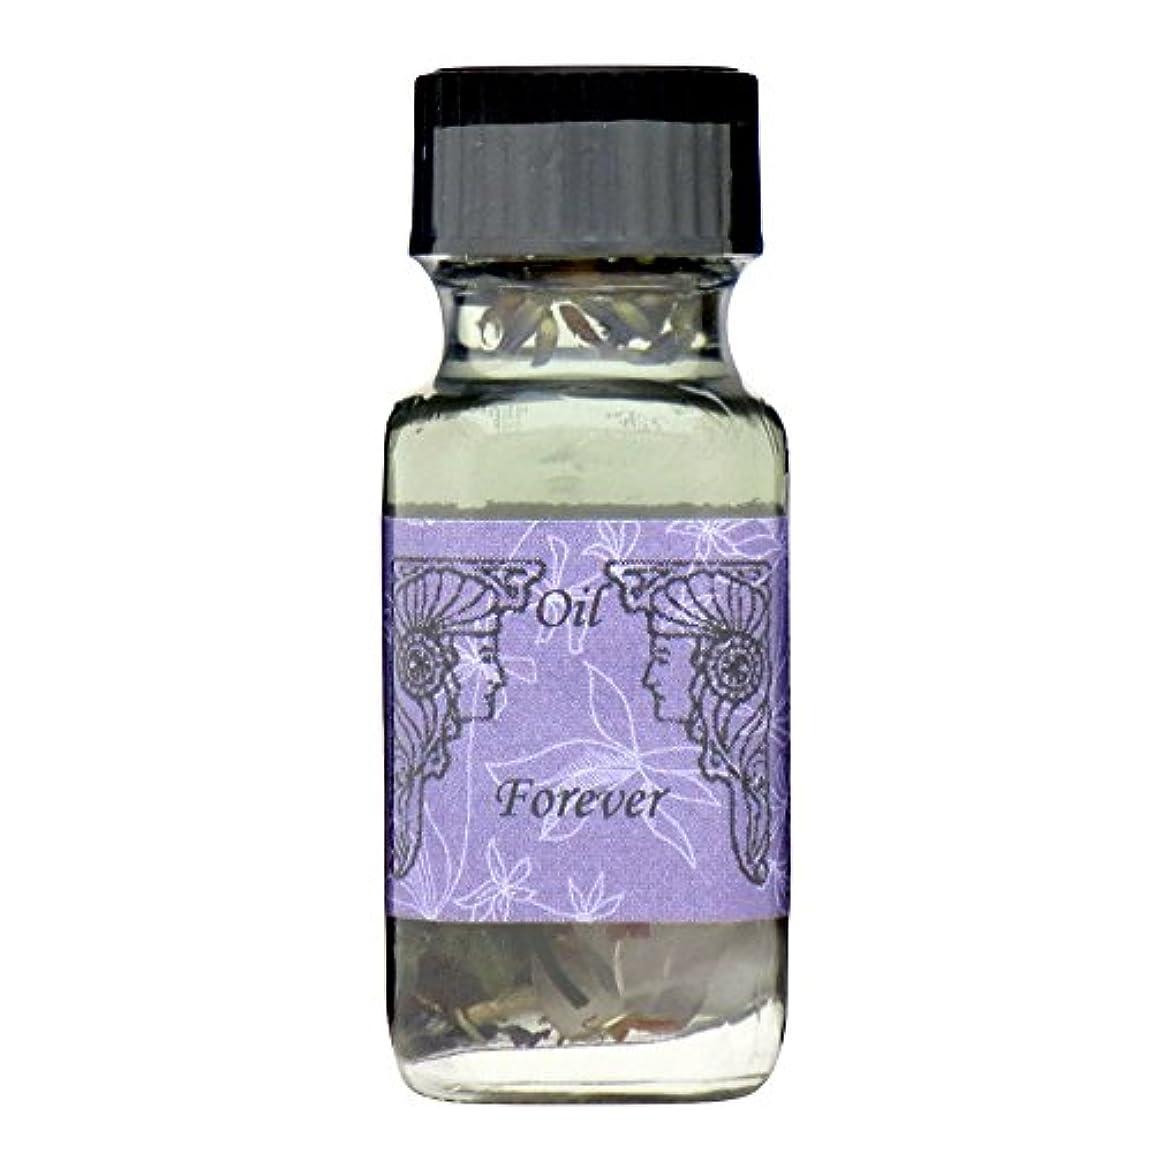 ゾーンレプリカスリムアンシェントメモリーオイル フォーエバー (永続的な関係) 15ml (Ancient Memory Oils)